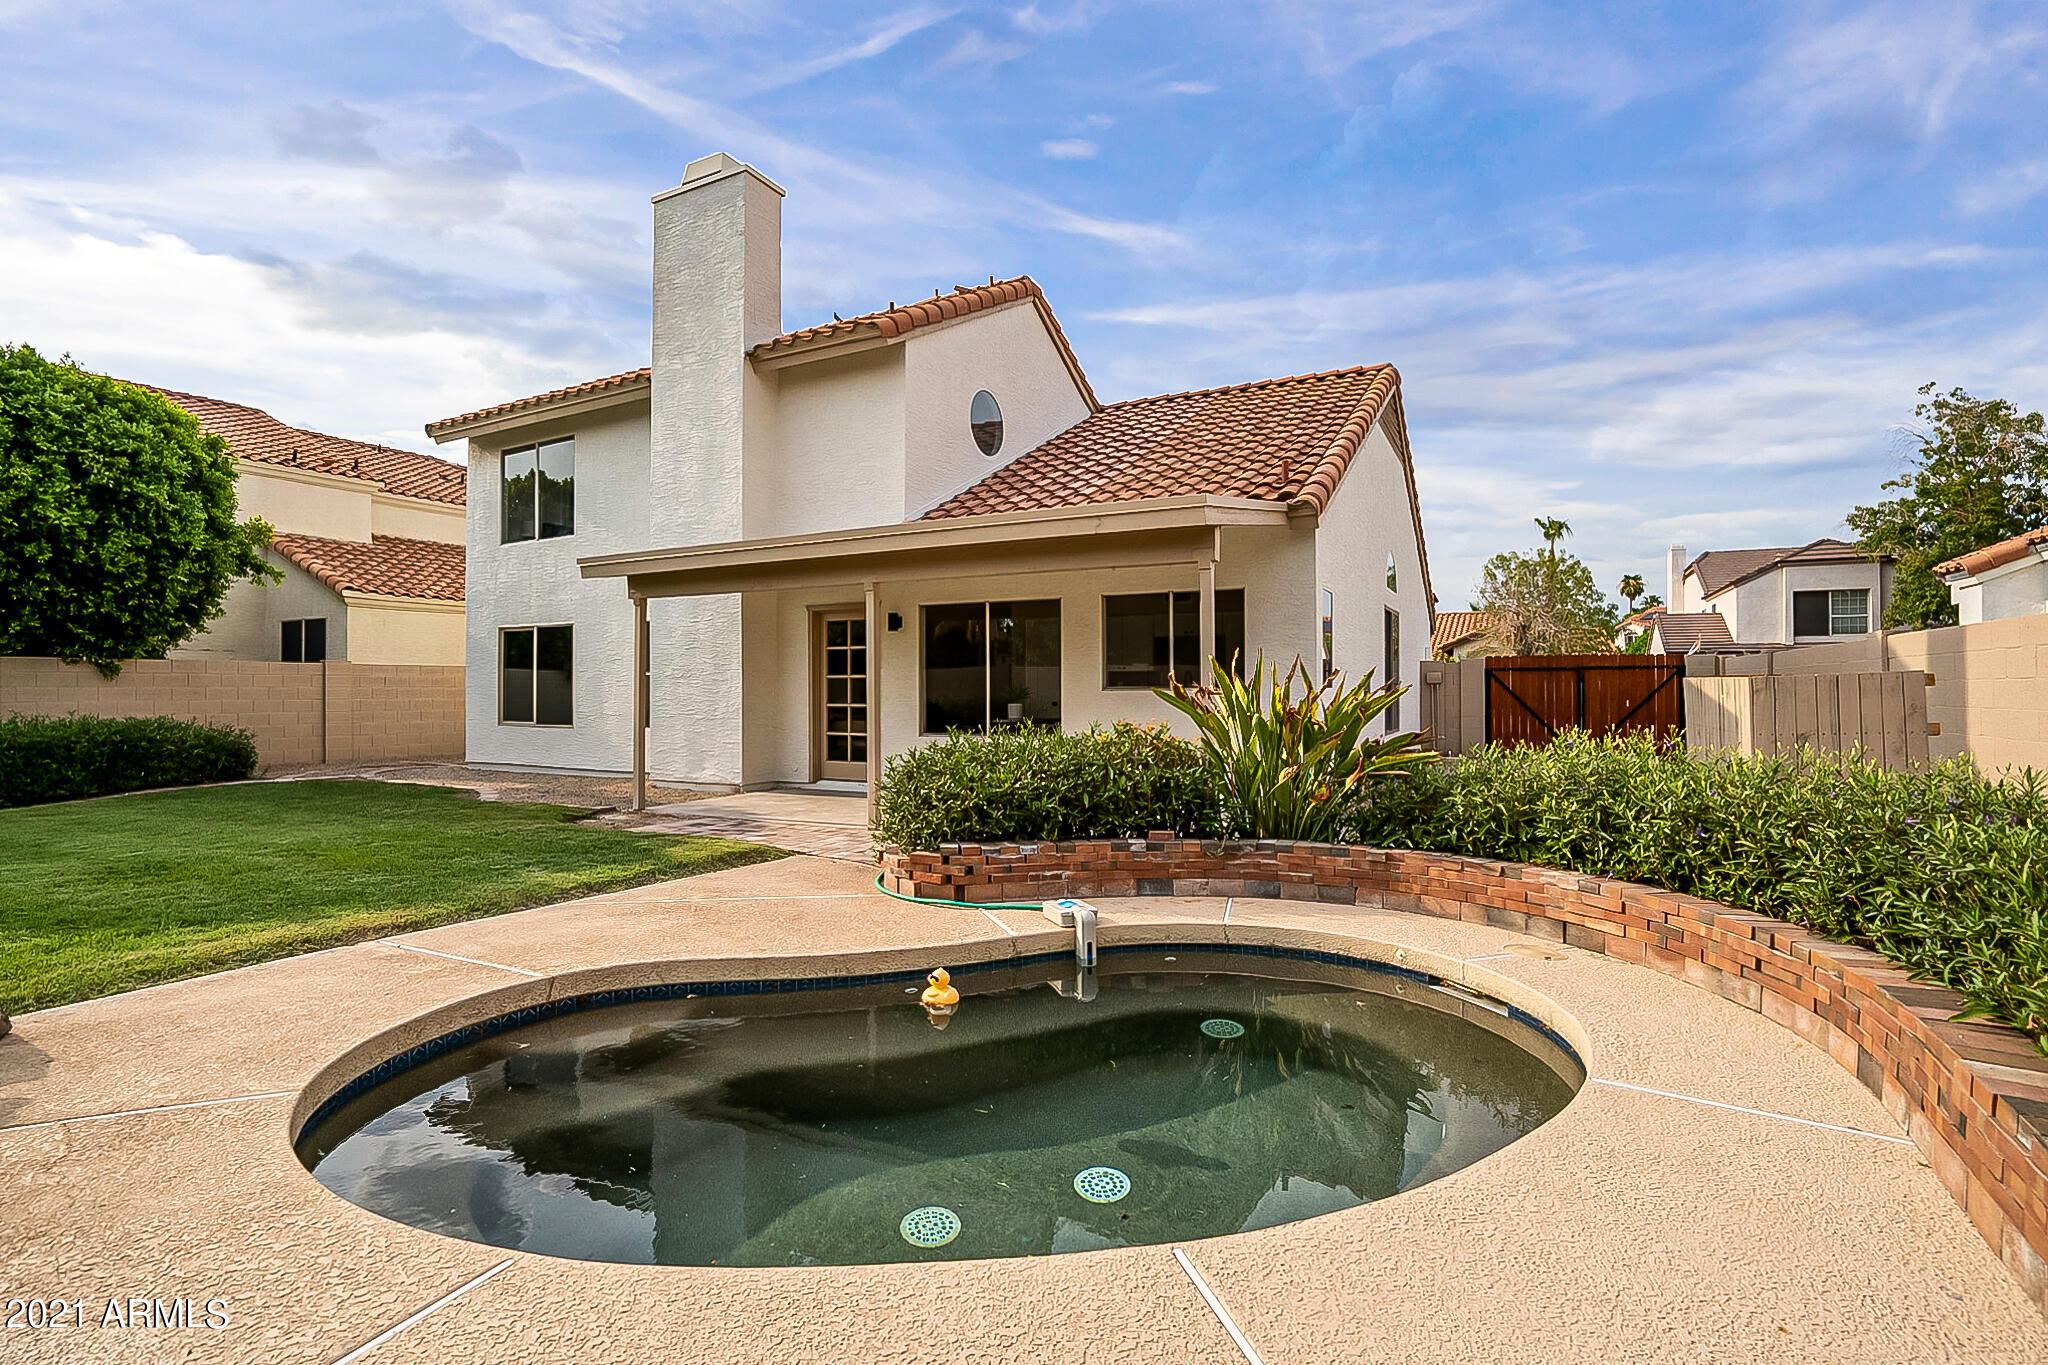 MLS 6268912 7001 W MARCO POLO Road, Glendale, AZ 85308 Glendale AZ Golf